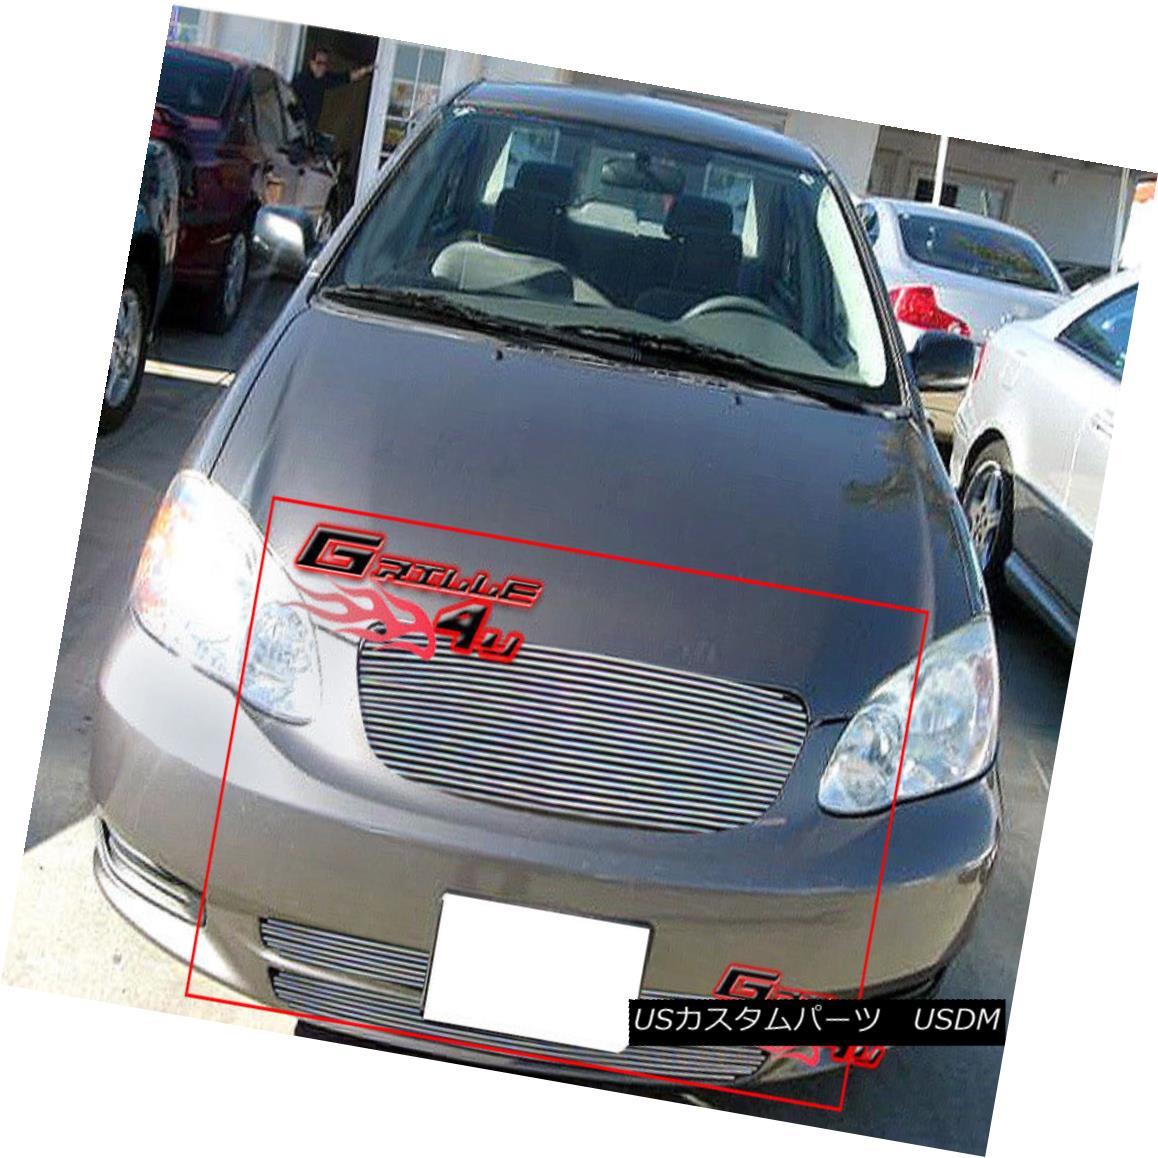 グリル Fits 2003-2004 Toyota Corolla Billet Grille Combo フィット2003-2004トヨタカローラビレットグリルコンボ